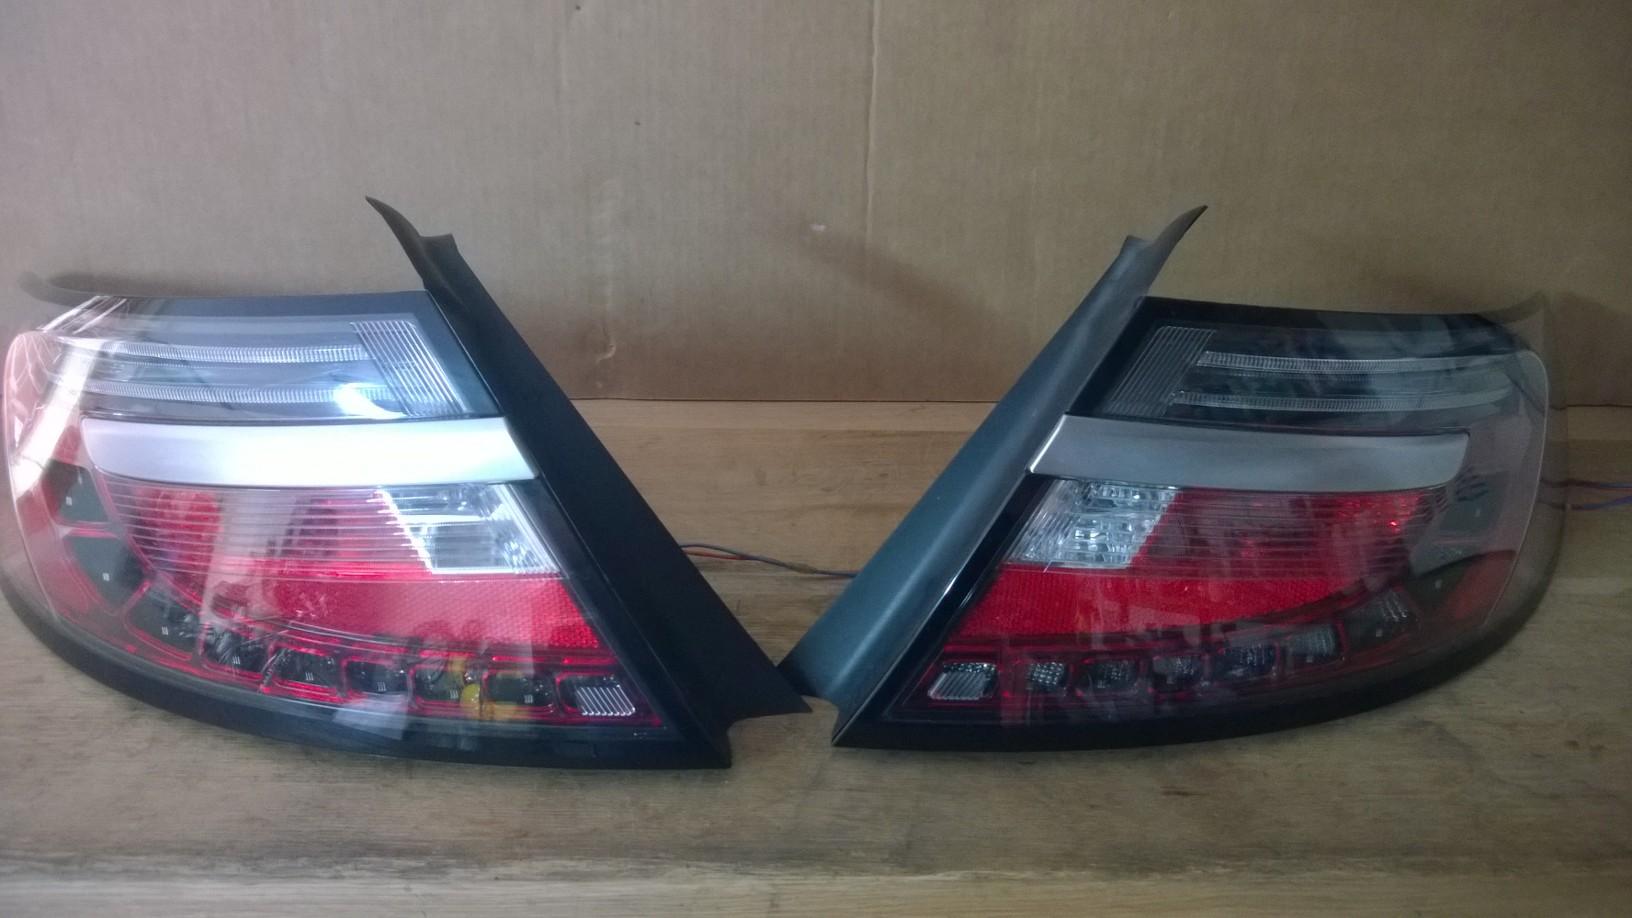 Reparatur von lampen led saab 95 2010r reparatur von for Lampen reparatur